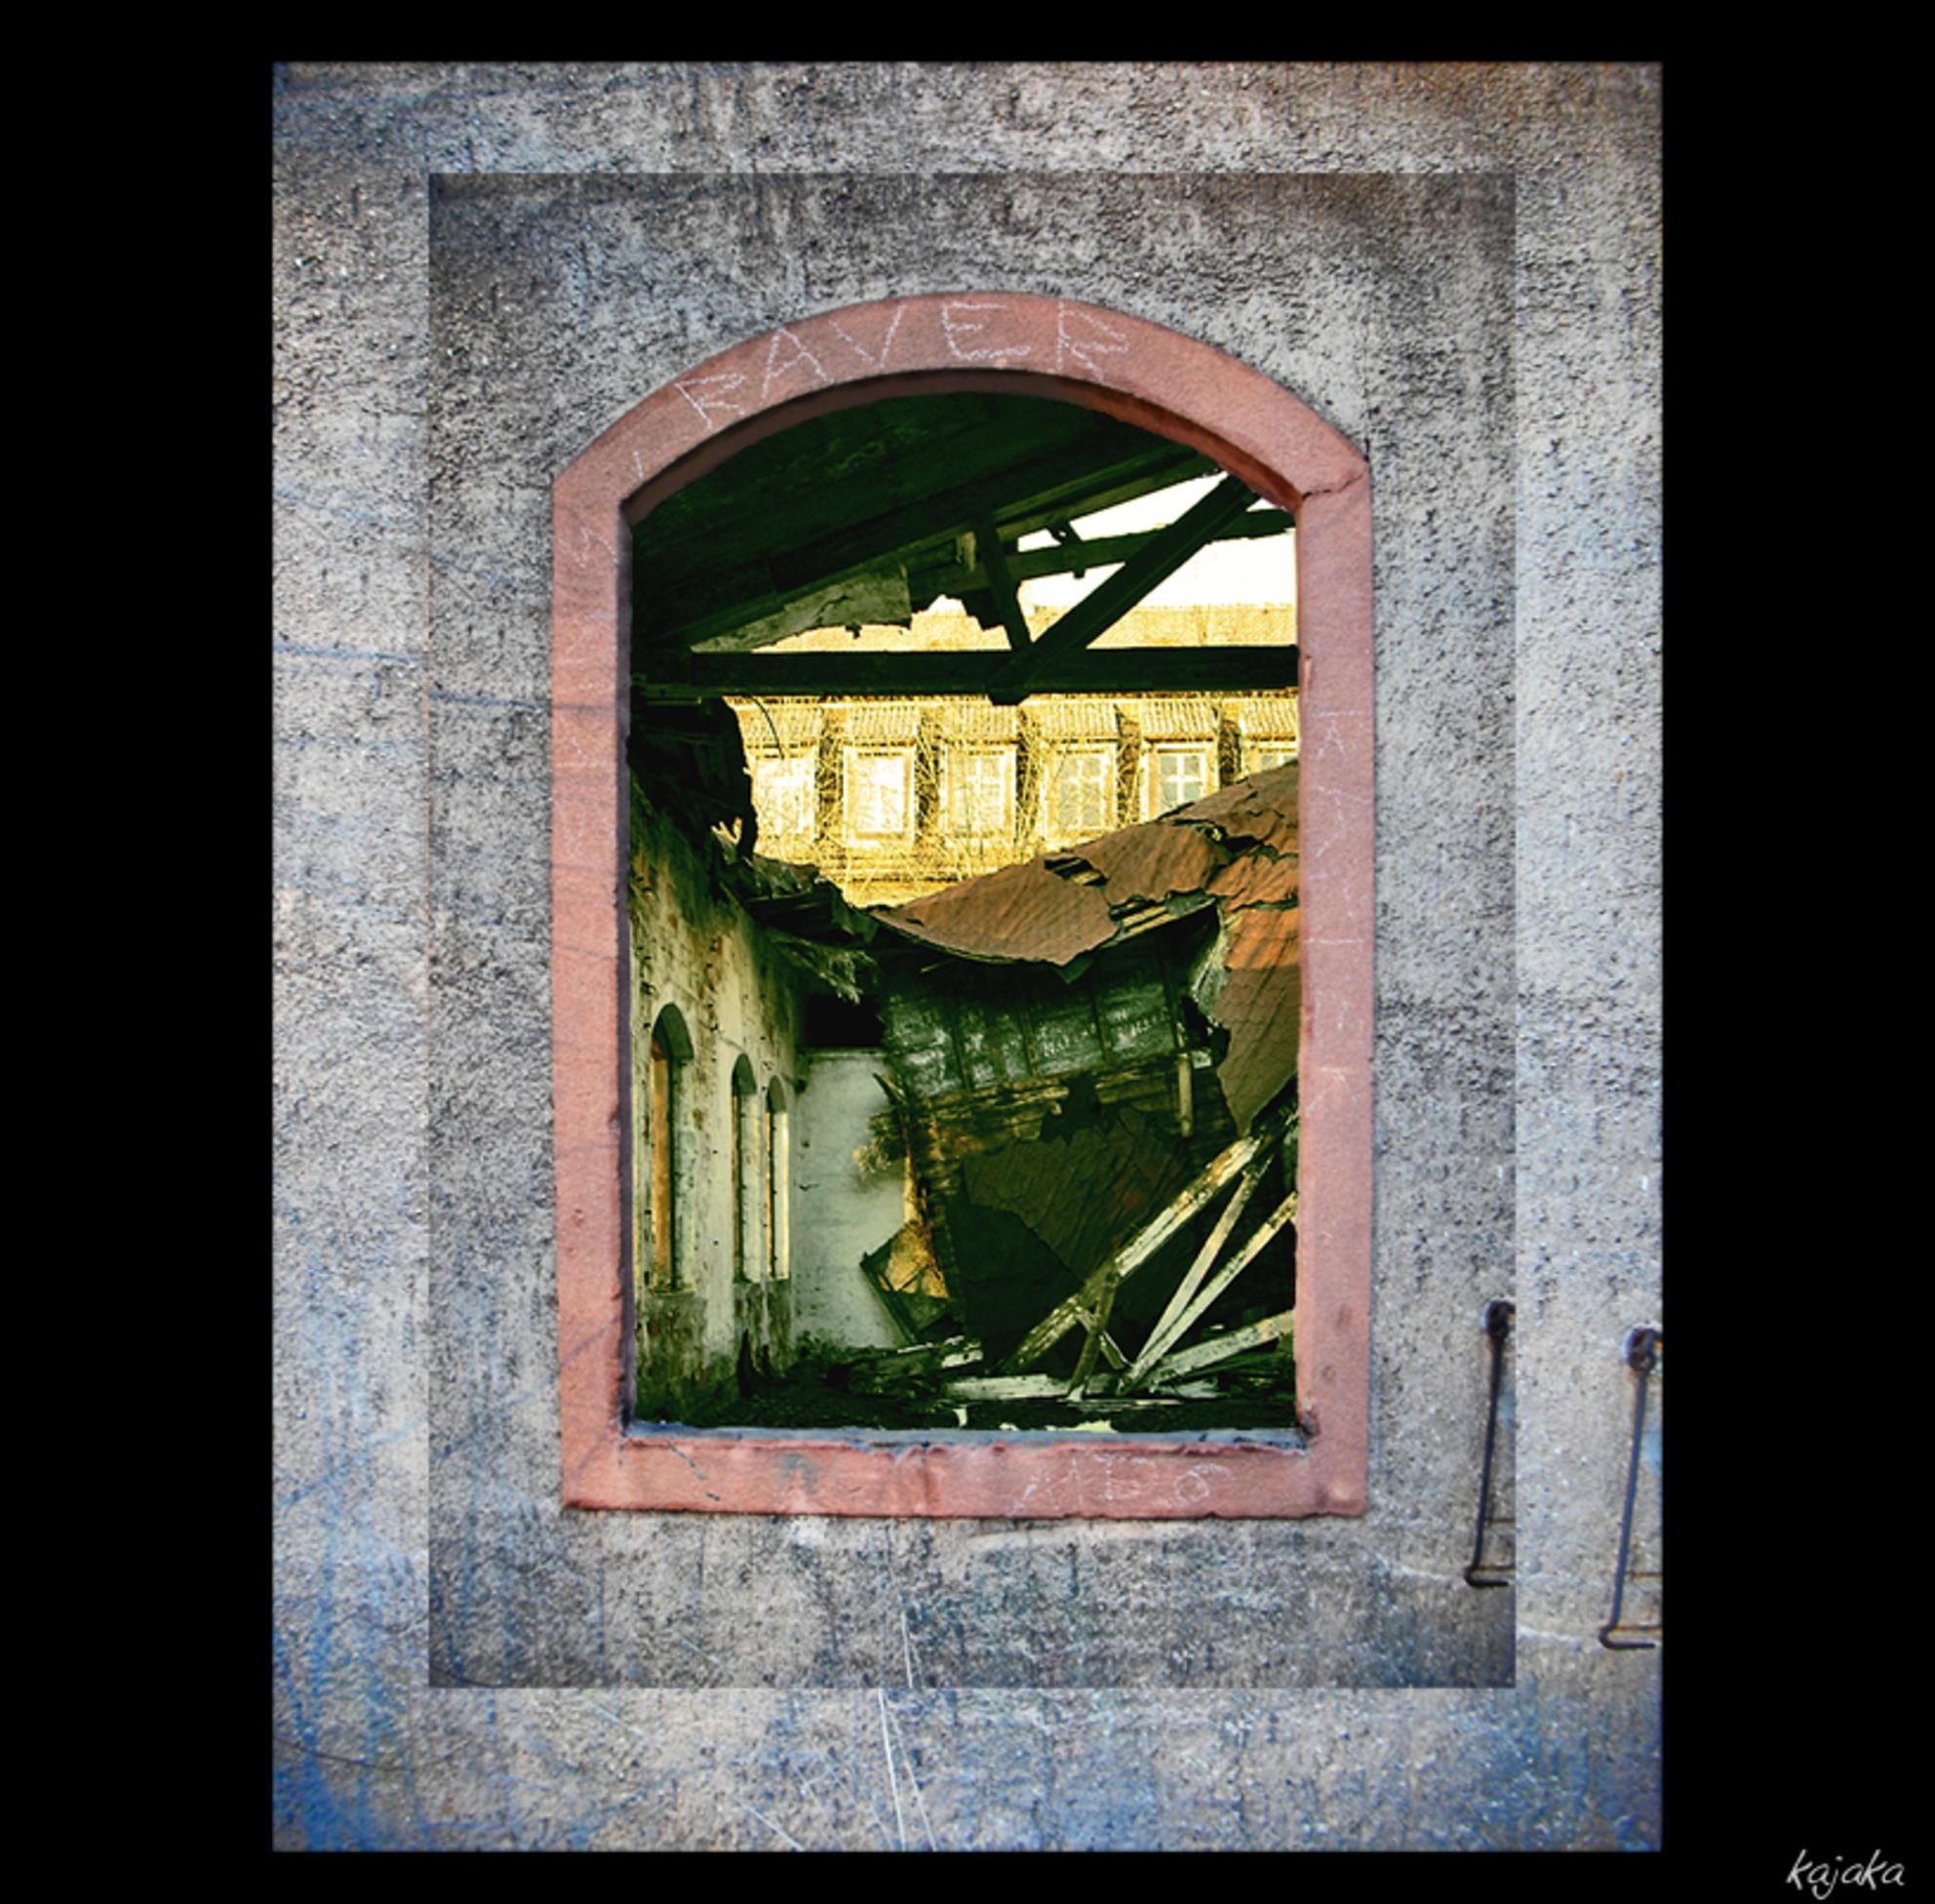 raam naar het verleden - fragement van een ruine en Saksen. raam en ruine zijn echt. het dubbel kader is een effect. Een versterking voor de uitdrukking. - foto door kajaka op 29-01-2012 - deze foto bevat: tijd, raam, verleden, ruine, Sakse